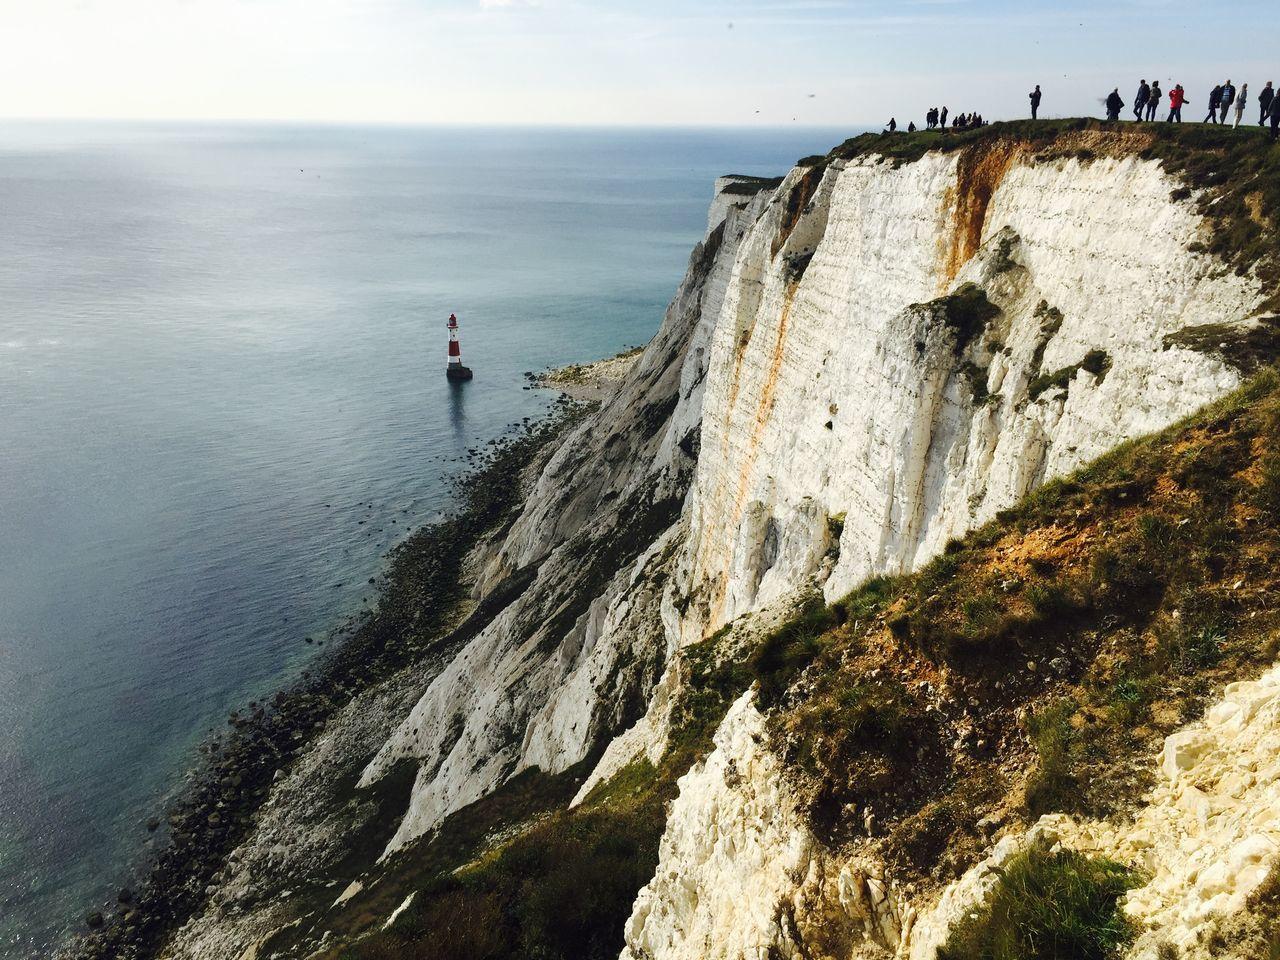 White cliffs in Beachy Head